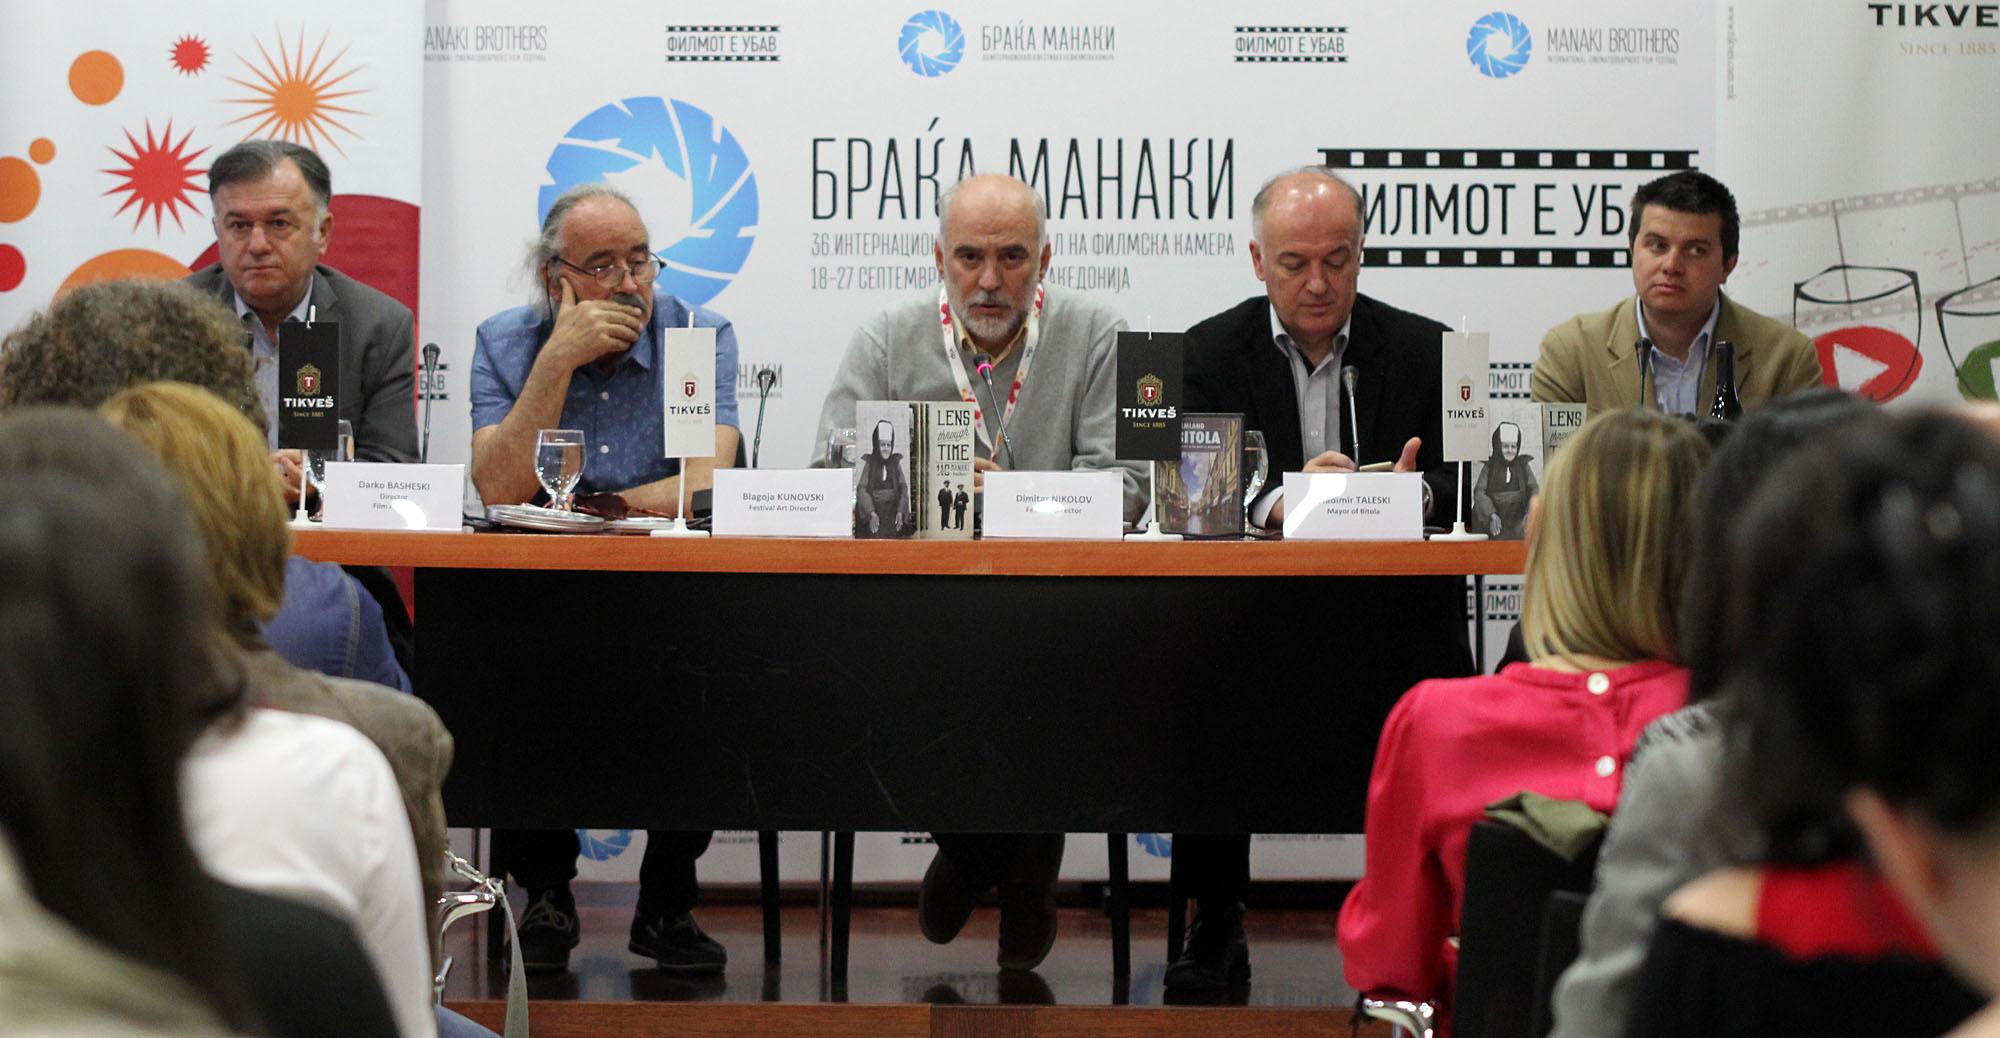 """ИФФК """"Браќа Манаки"""" од 18 до 27 септември во Битола"""